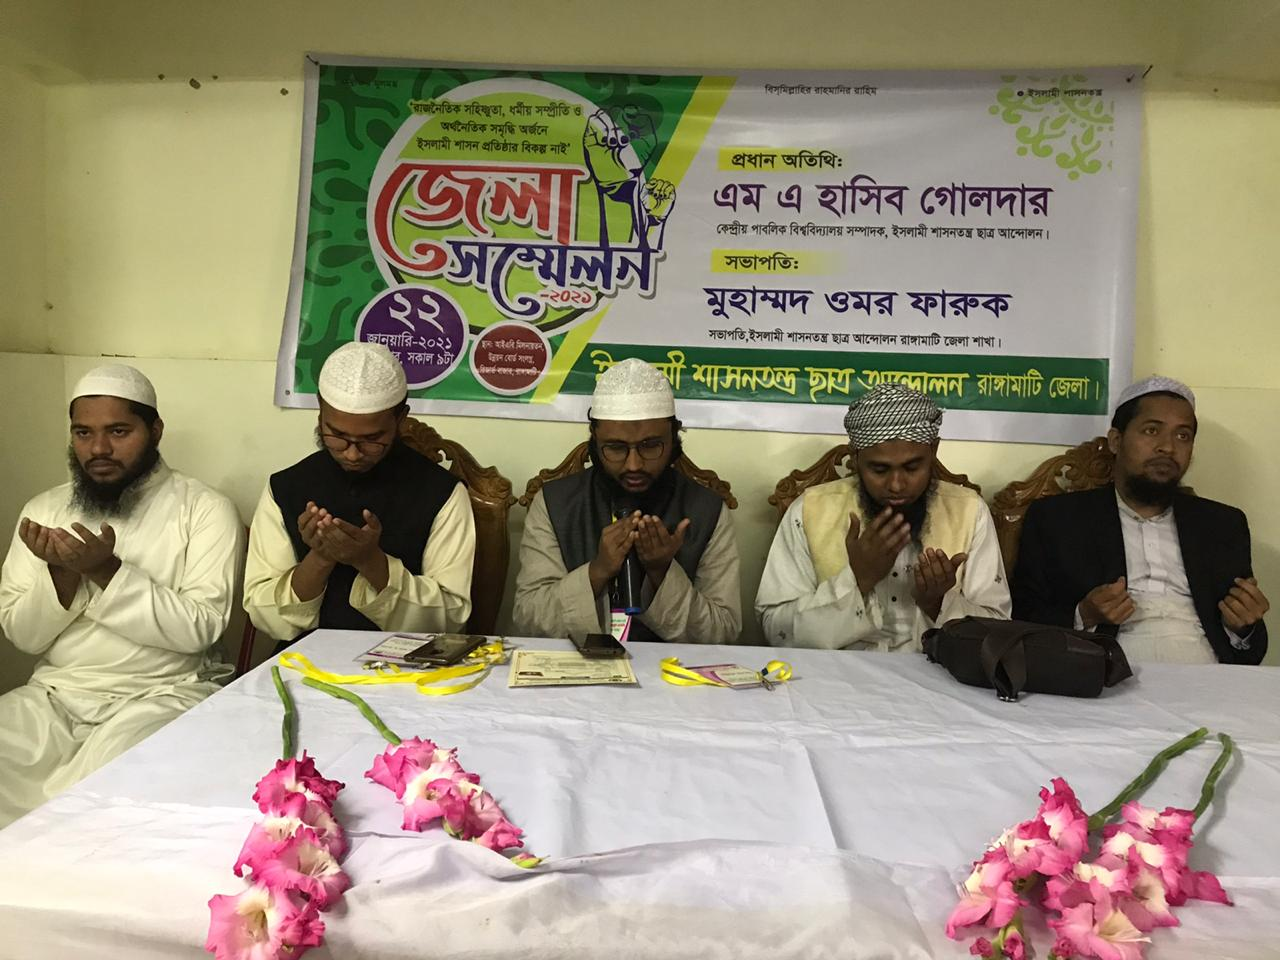 ইশা ছাত্র আন্দোলন রাঙামাটি জেলা সম্মেলন অনুষ্ঠিত